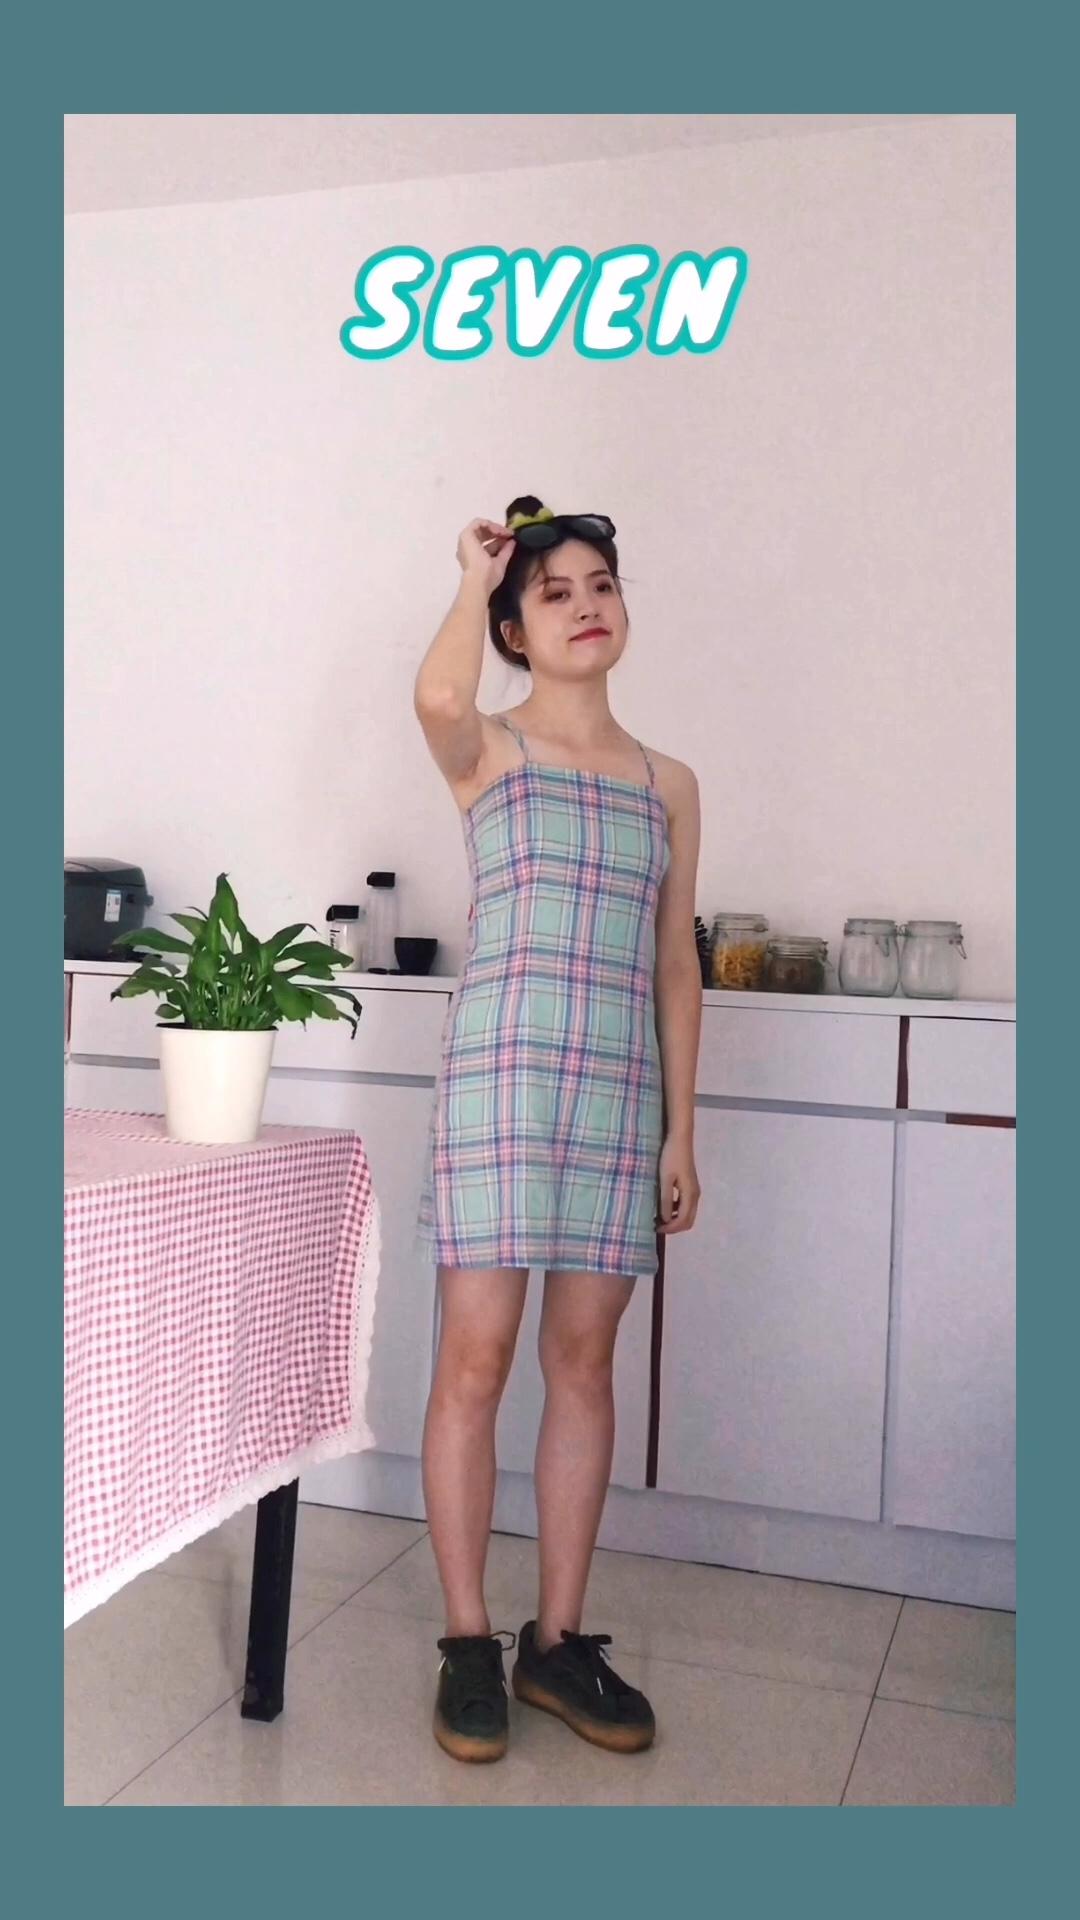 🍦阿lin的一周穿搭🐟  把这几天的穿搭都罗列出来啦,少女的可爱的气质的凉爽的应有尽有,不知道你喜欢哪一套呢! 夏天喜欢穿得色彩感丰富一些,活泼可爱~ 链接都放上去了,有喜欢的也可以看看我之前单独发的。阿lin会继续努力好好更新哒~爱大家💕 #七夕!男友眼中的100分穿搭!#